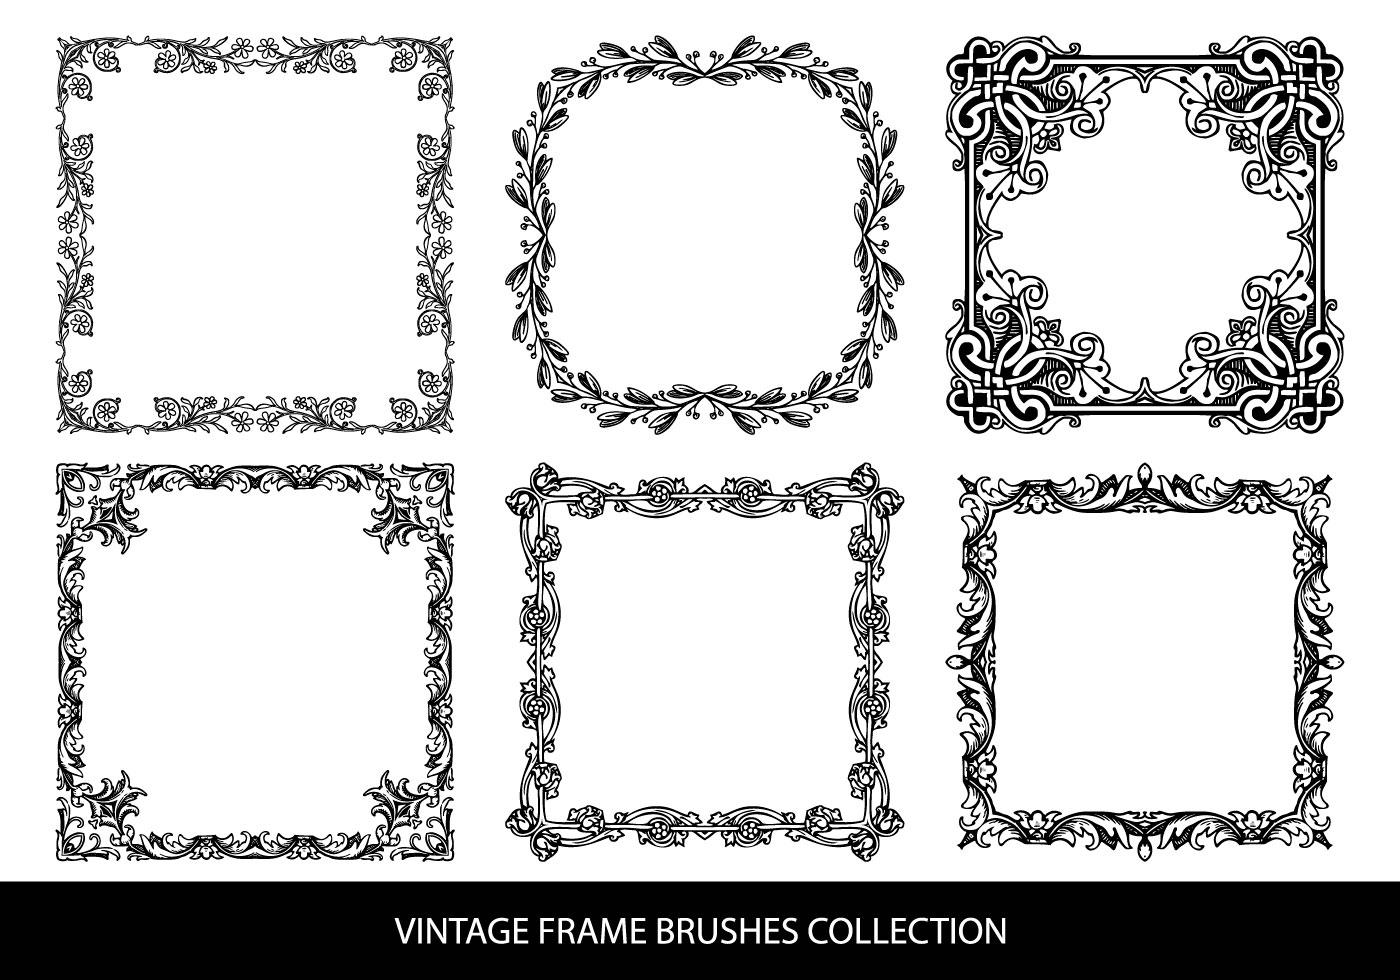 Decorative Vintage Frame Brushes